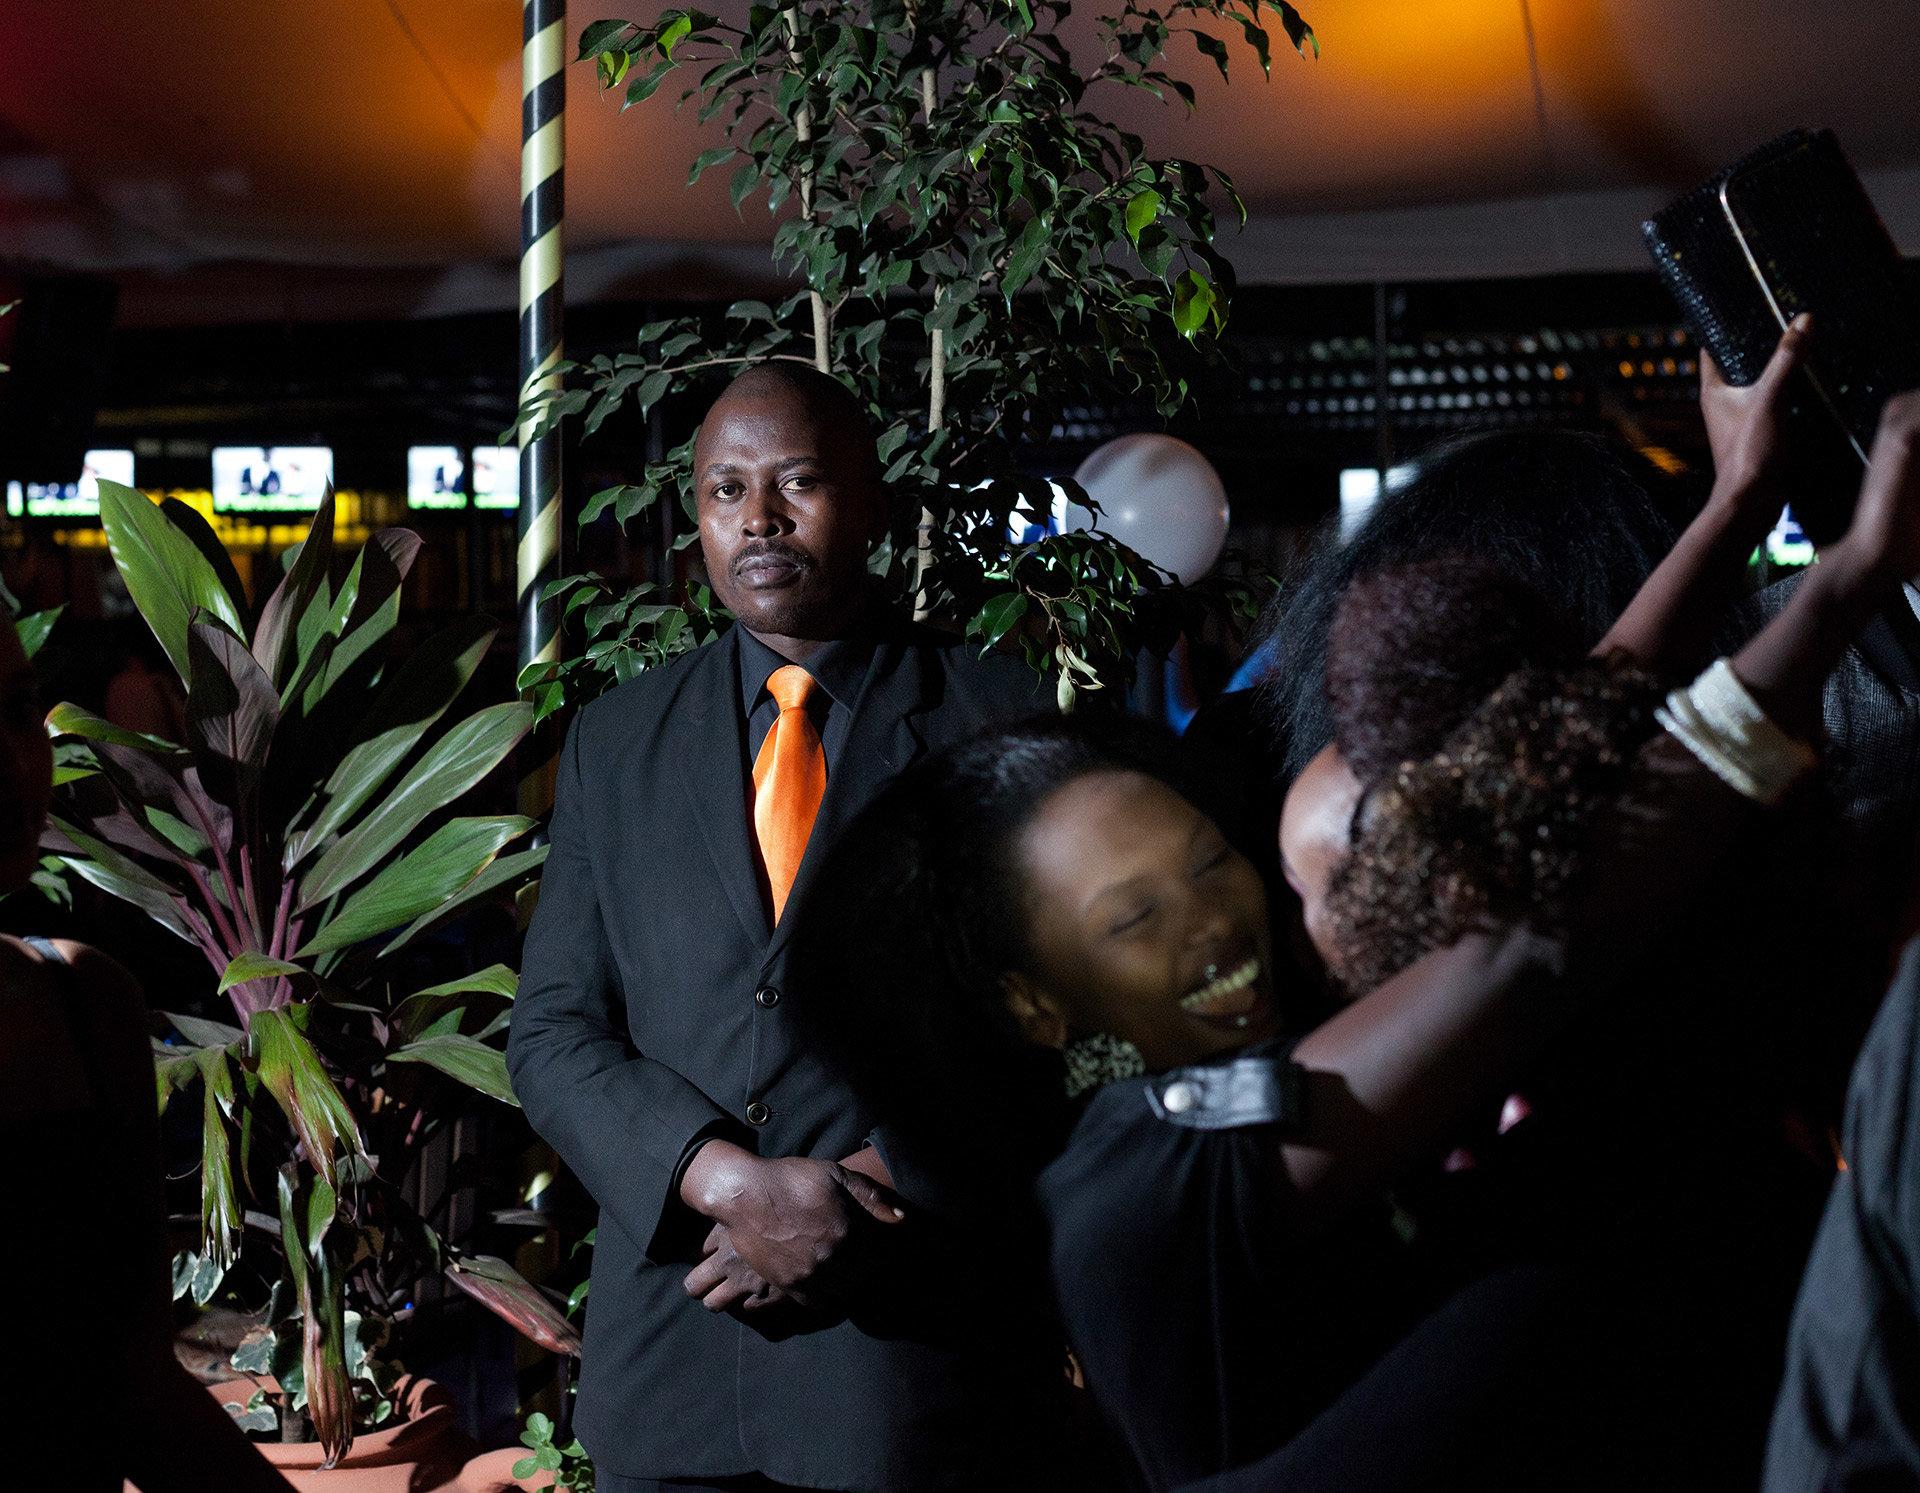 Thomas ist der Türsteher des berühmten Nachtclubs K1.